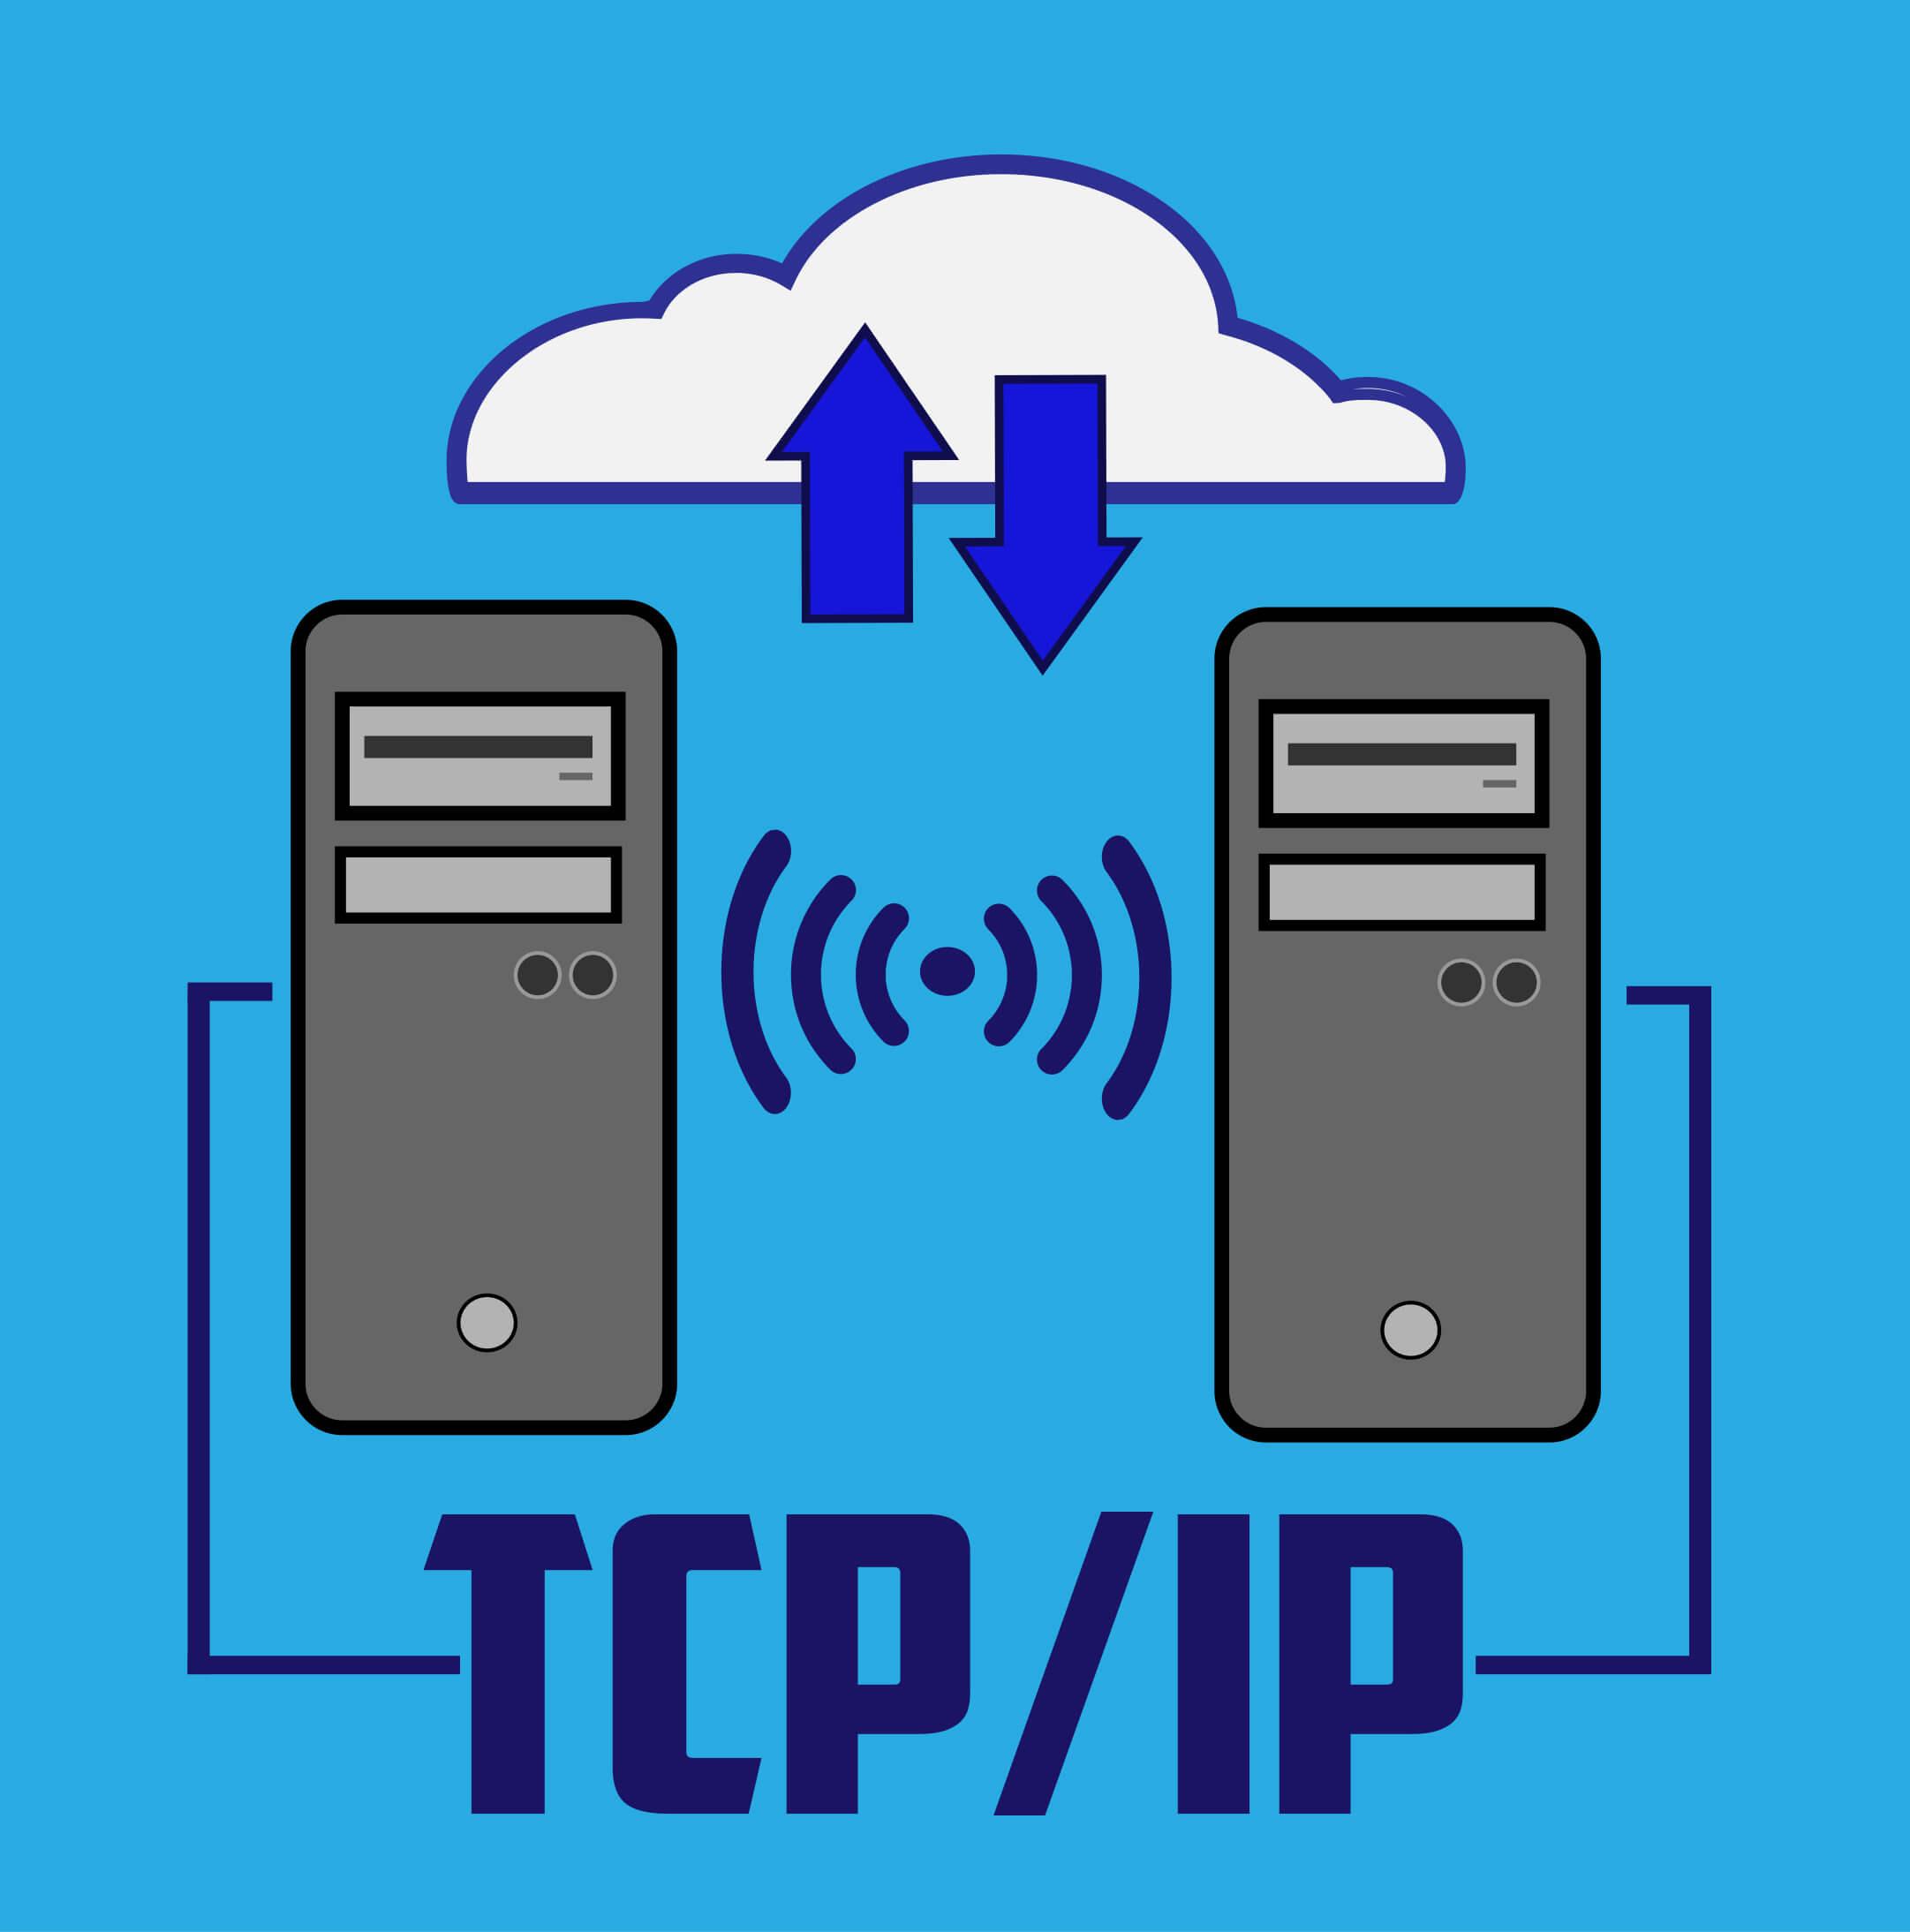 TCP IP GIF ing Ryan Seslow ART amp DESIGN